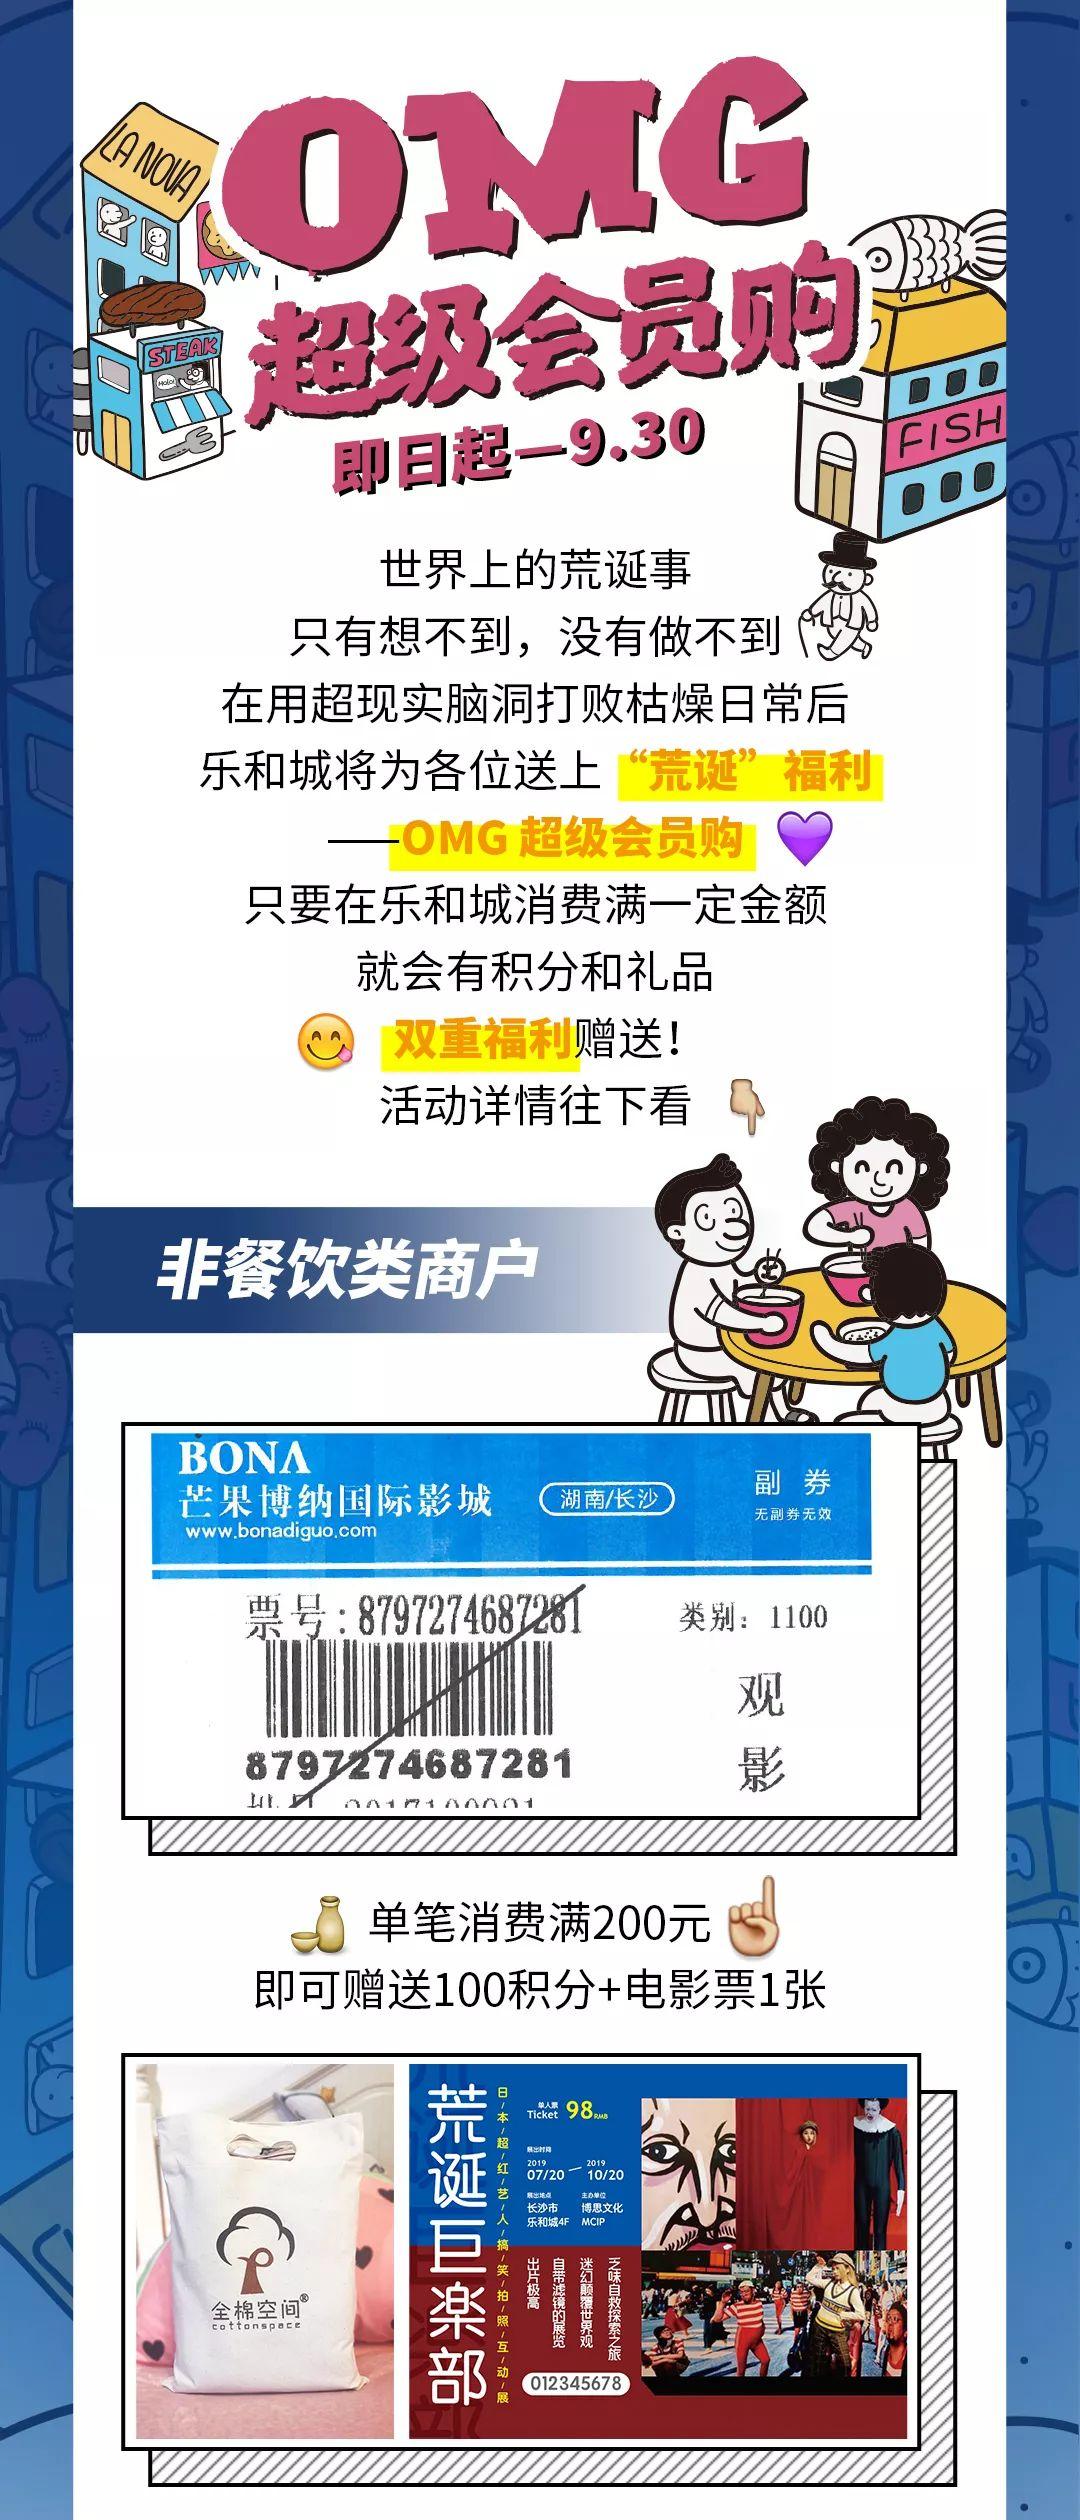 佳依台湾品牌折扣店直